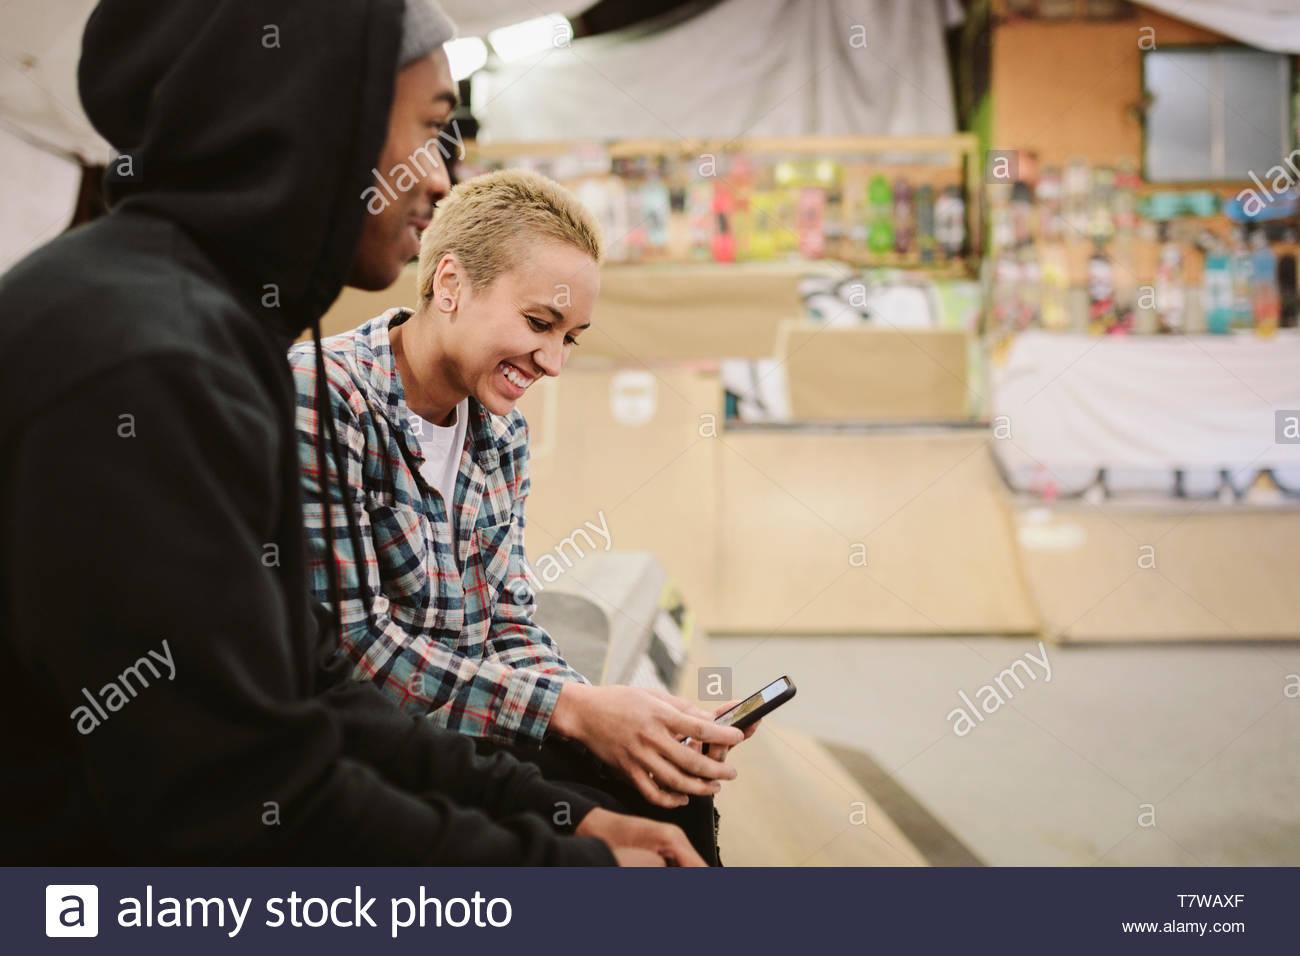 Adultos jóvenes amigos que cuelgan en el skate park interior Imagen De Stock